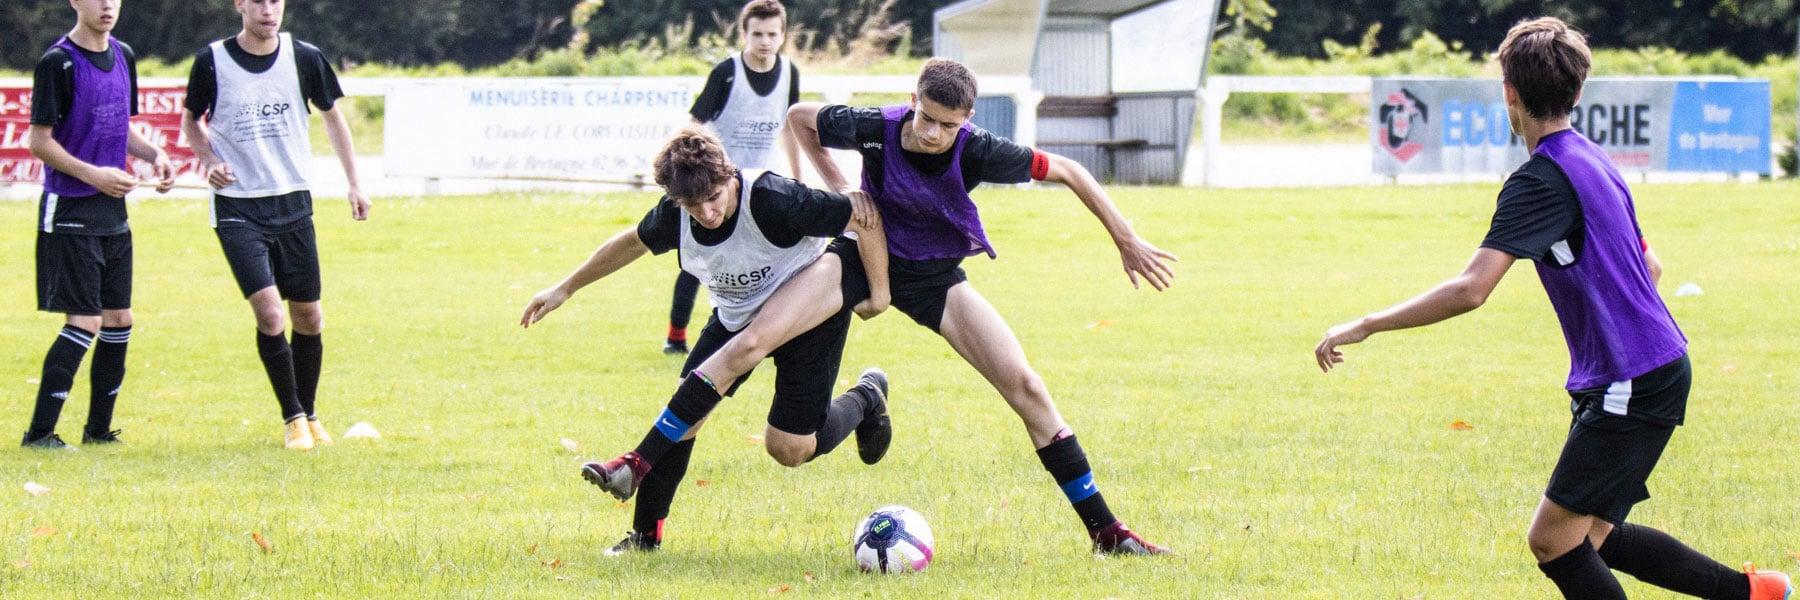 joueur stagiaire foot adolescent